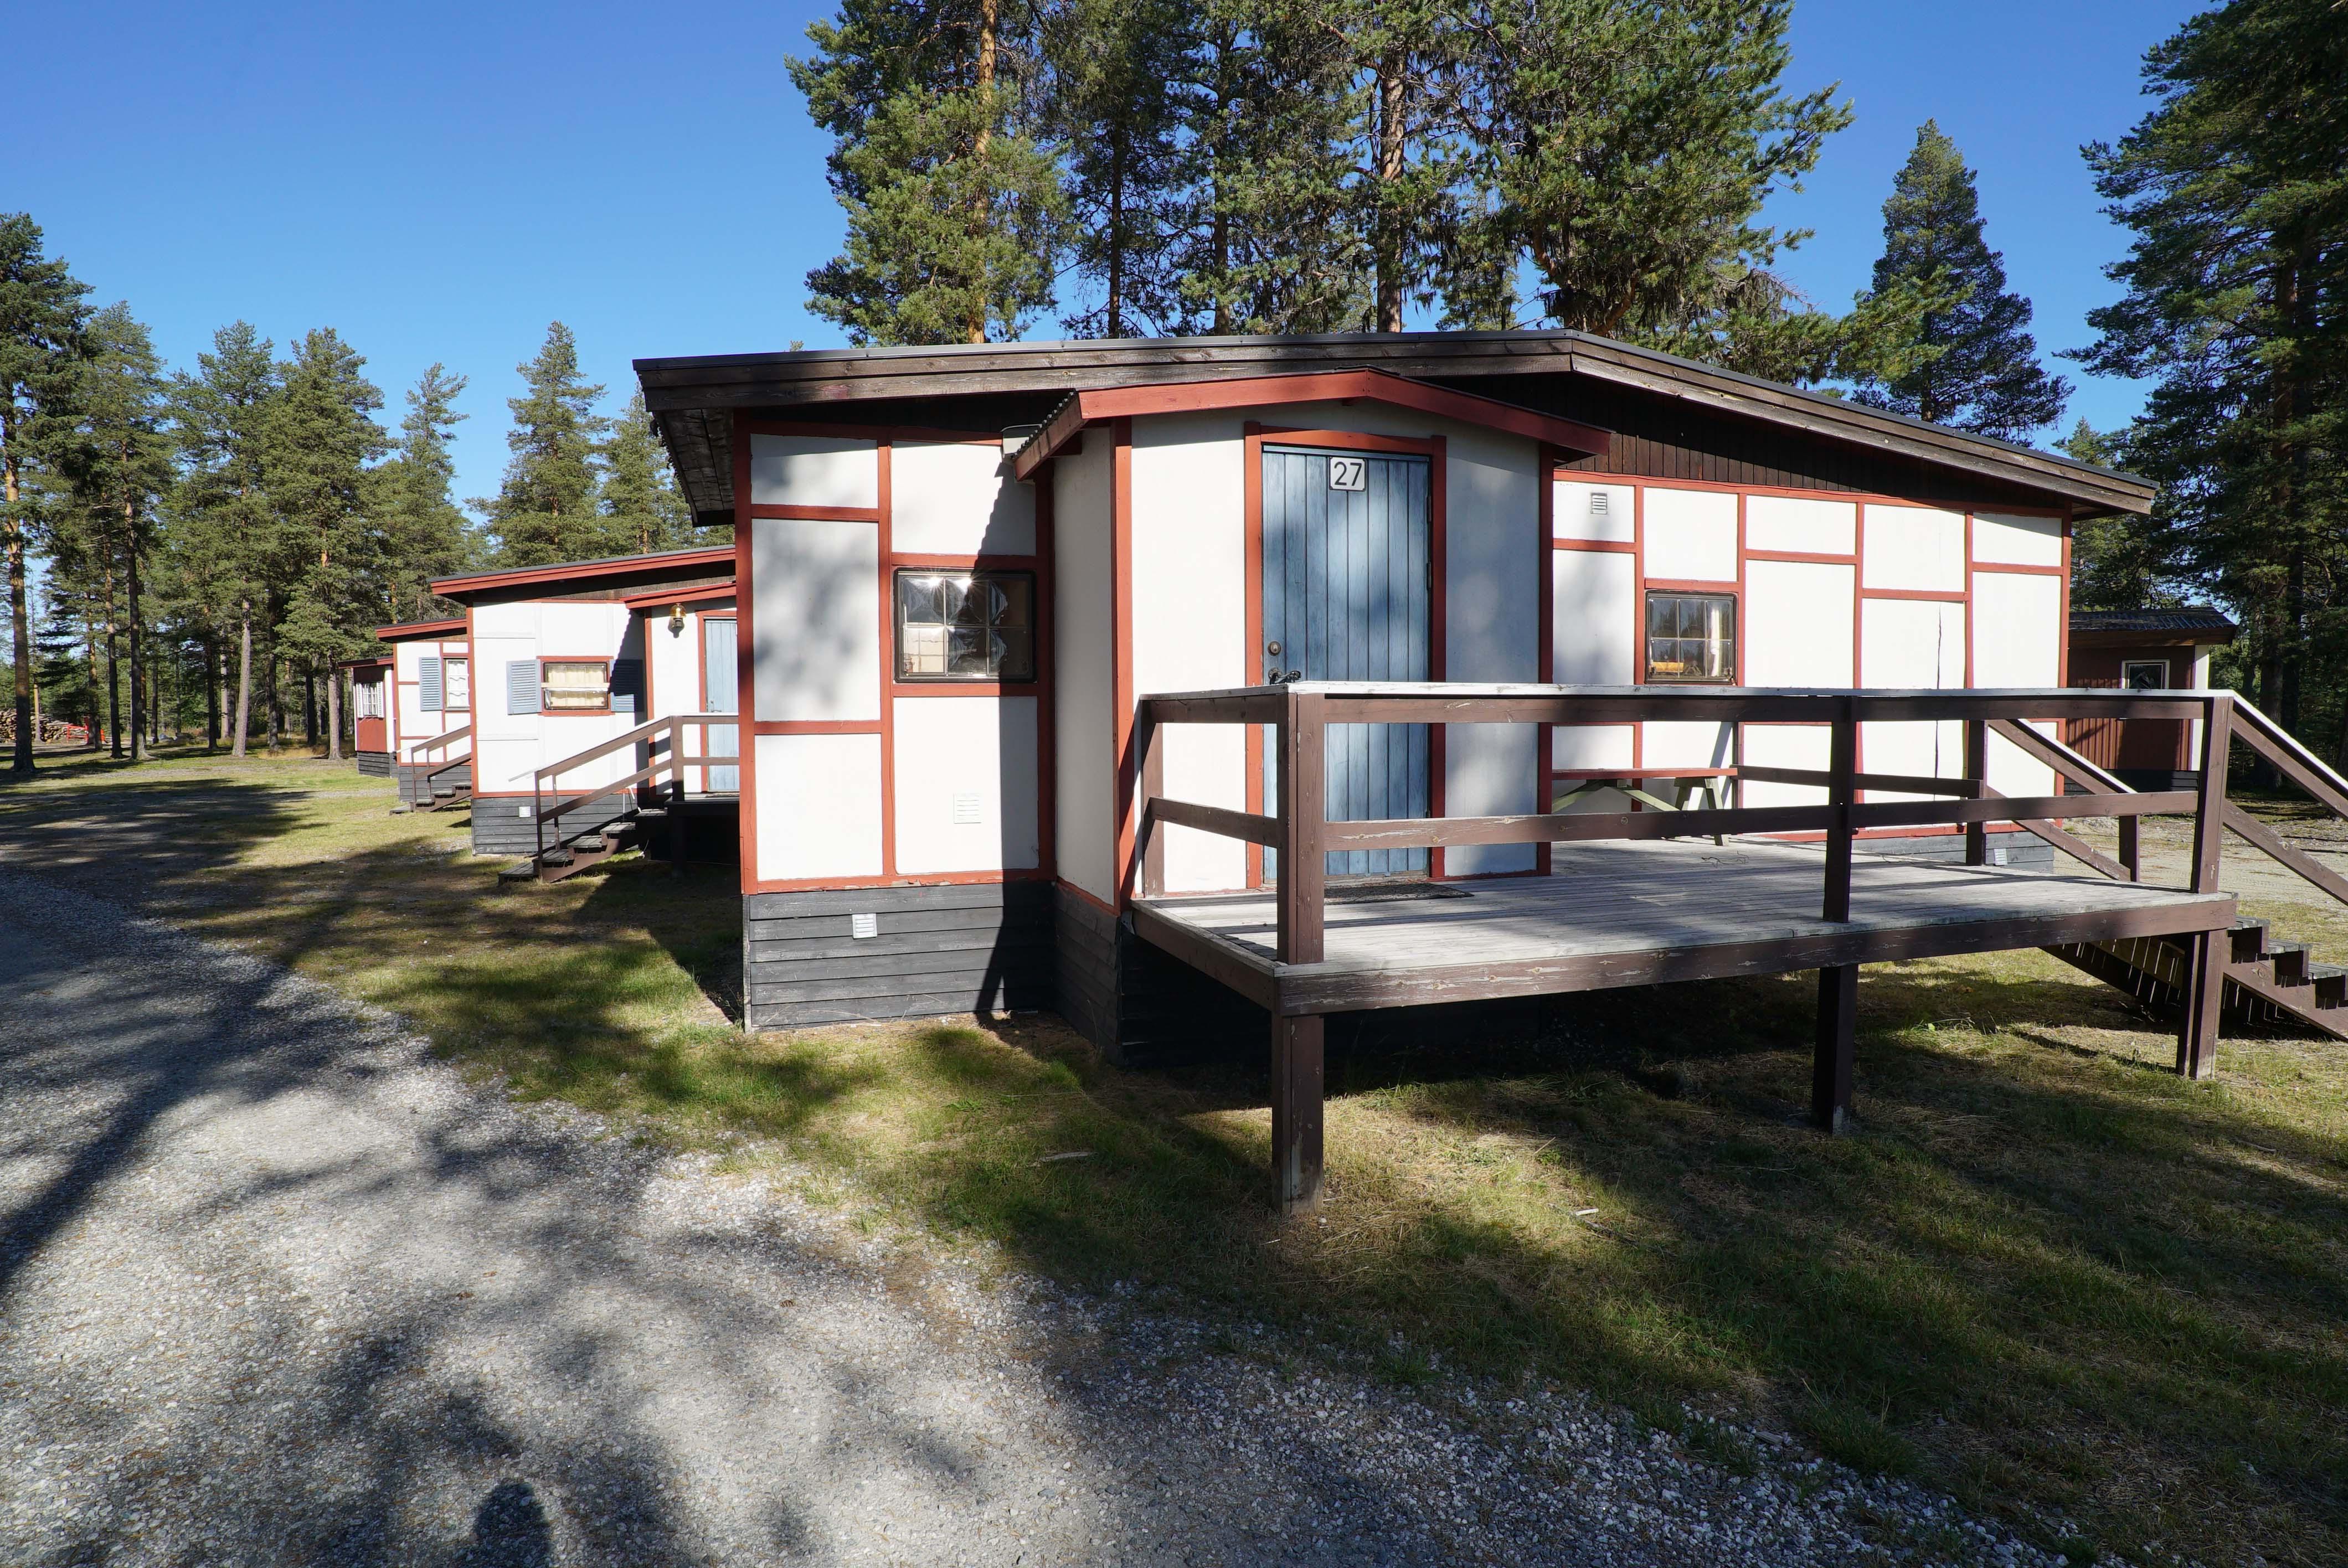 Åsele Camping06